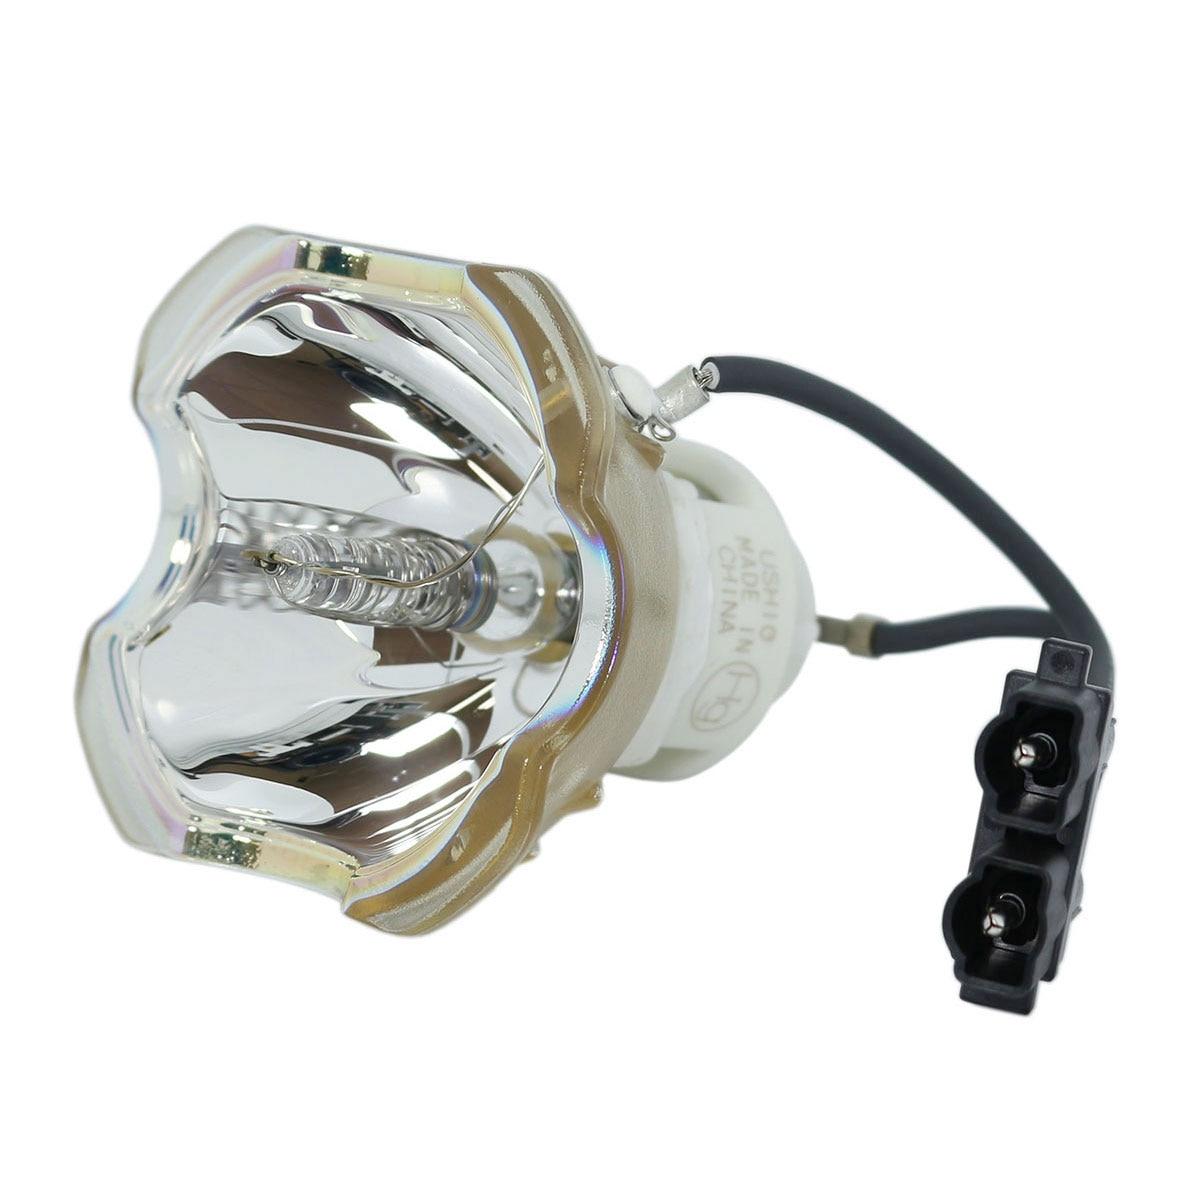 Compatible Bare Bulb MT60LP MT-60LP for NEC MT1060 MT1065 MT860 Projector Lamp Bulbs without housing compatible bare bulb mt60lp mt 60lp for nec mt1060 mt1065 mt860 projector lamp bulbs without housing case free shipping